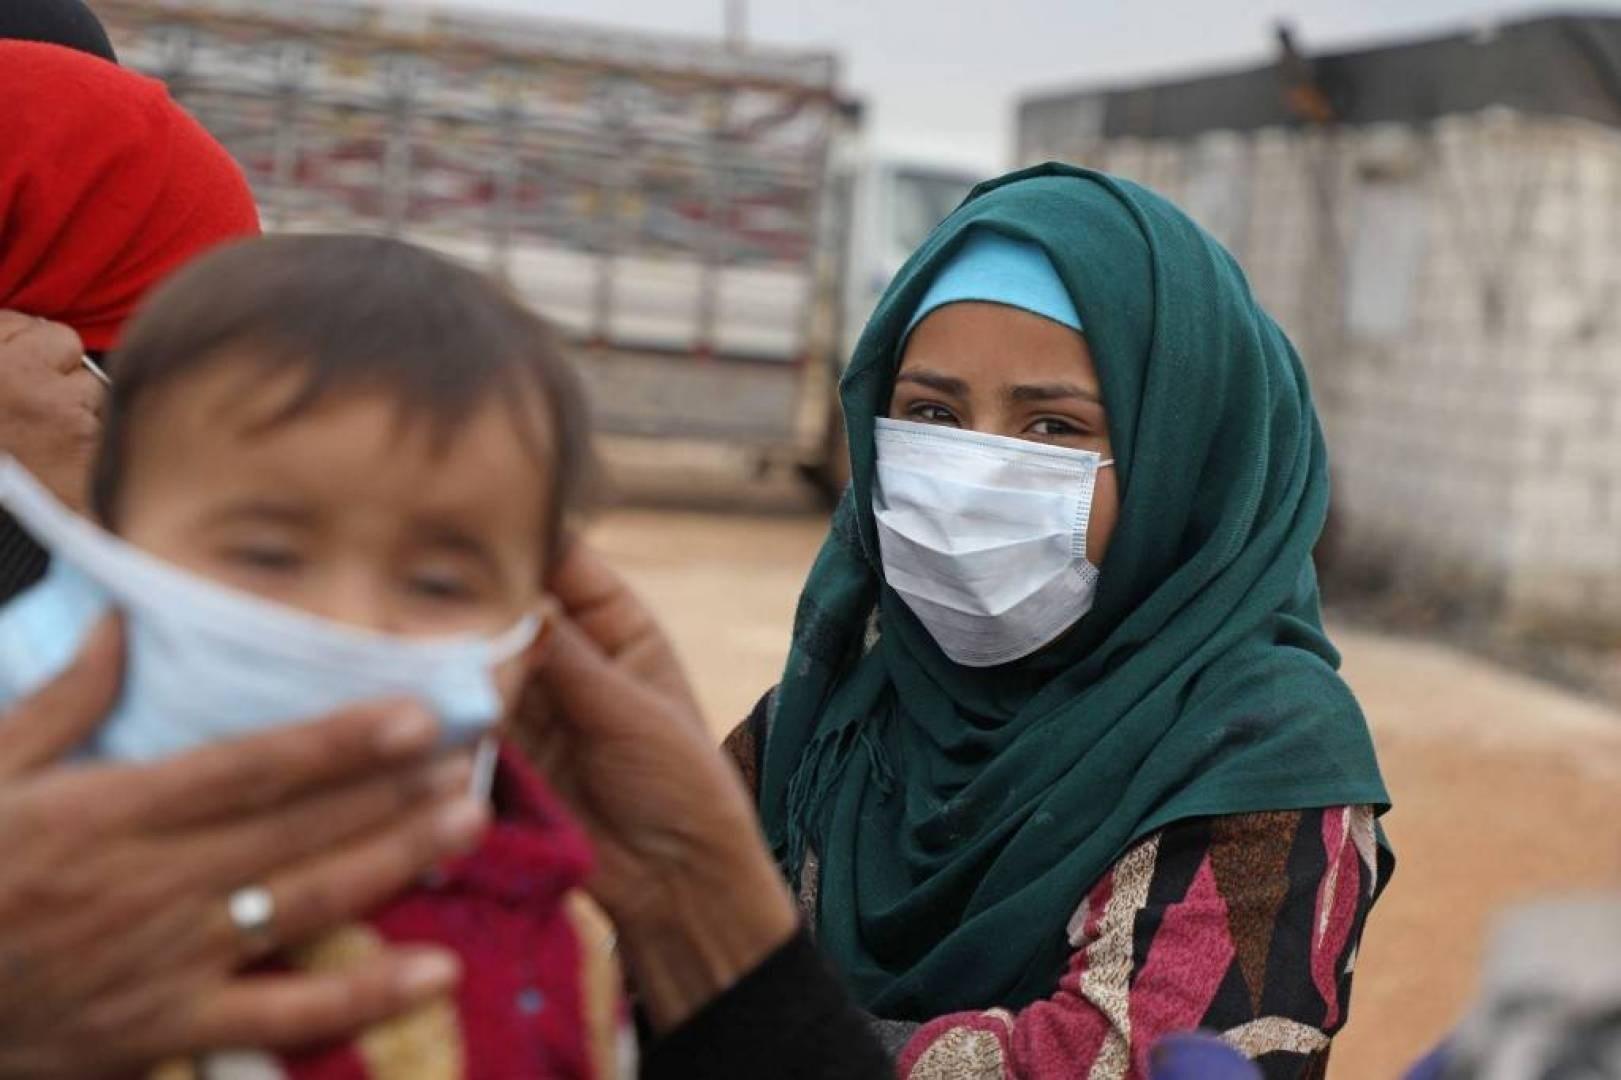 سوريا: وقاية مضاعفة ضد فيروس لم يثبت وجوده